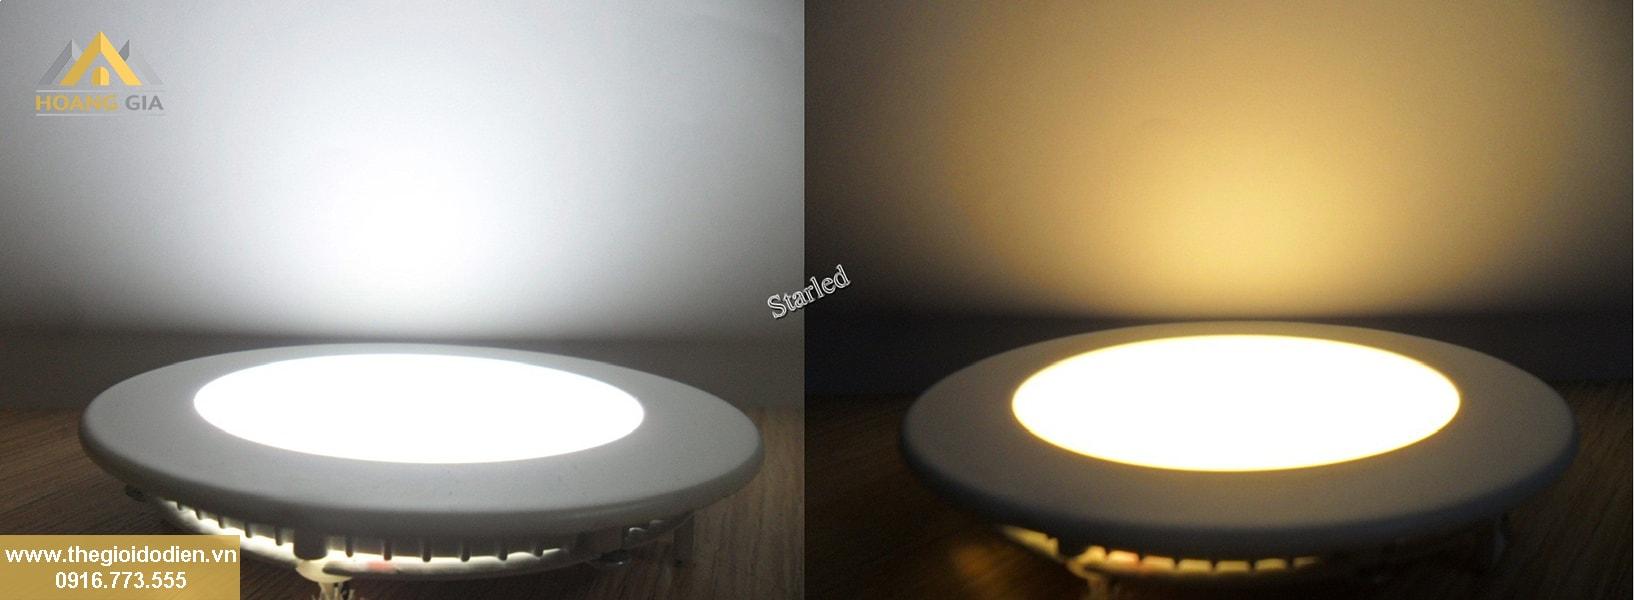 Những lợi ích khi chọn mua đèn led âm trần đổi màu cao cấp